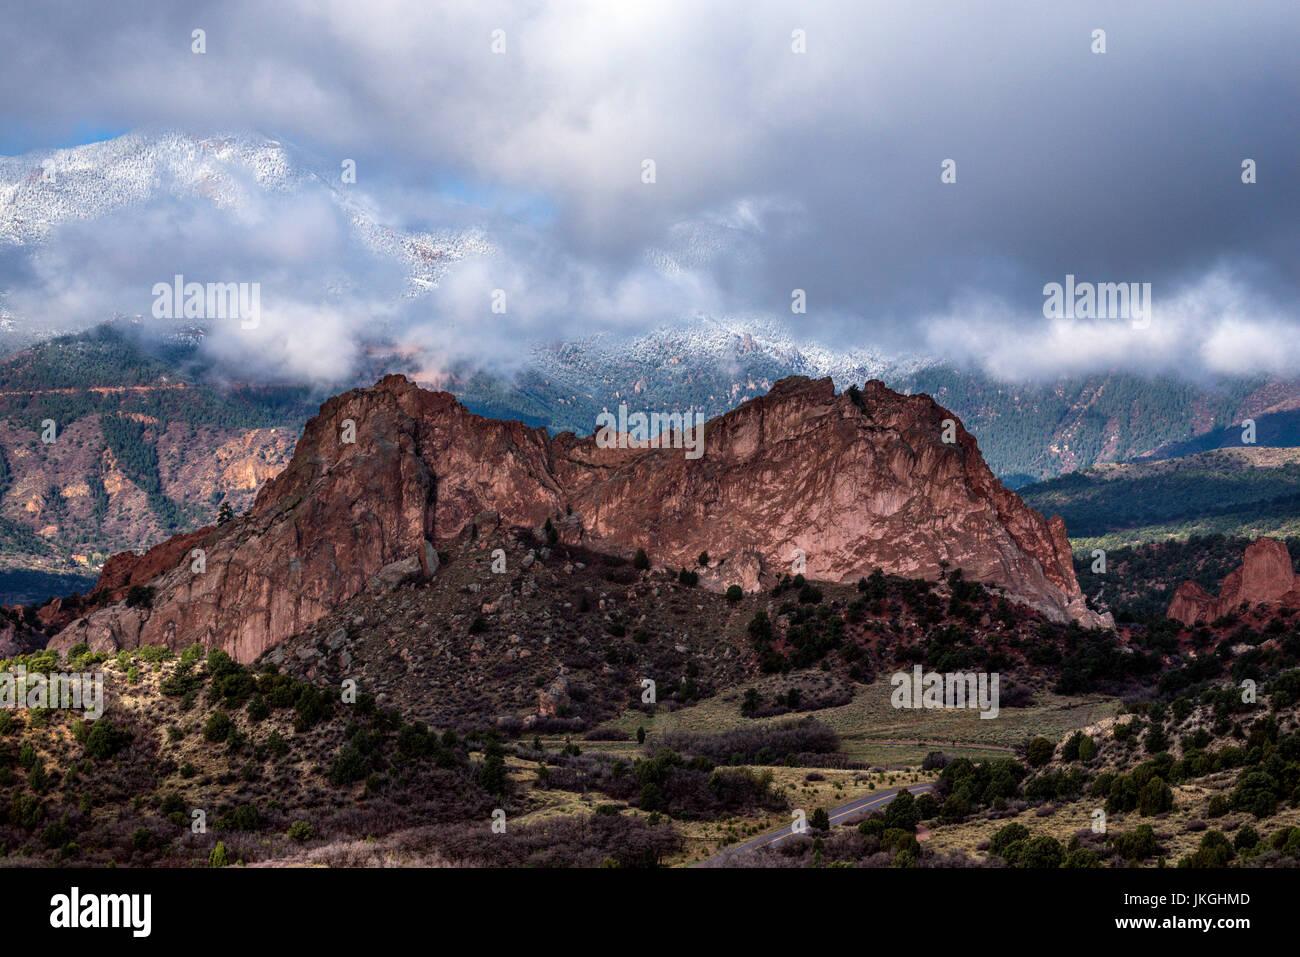 Garden of the Gods, Colorado Springs - Stock Image